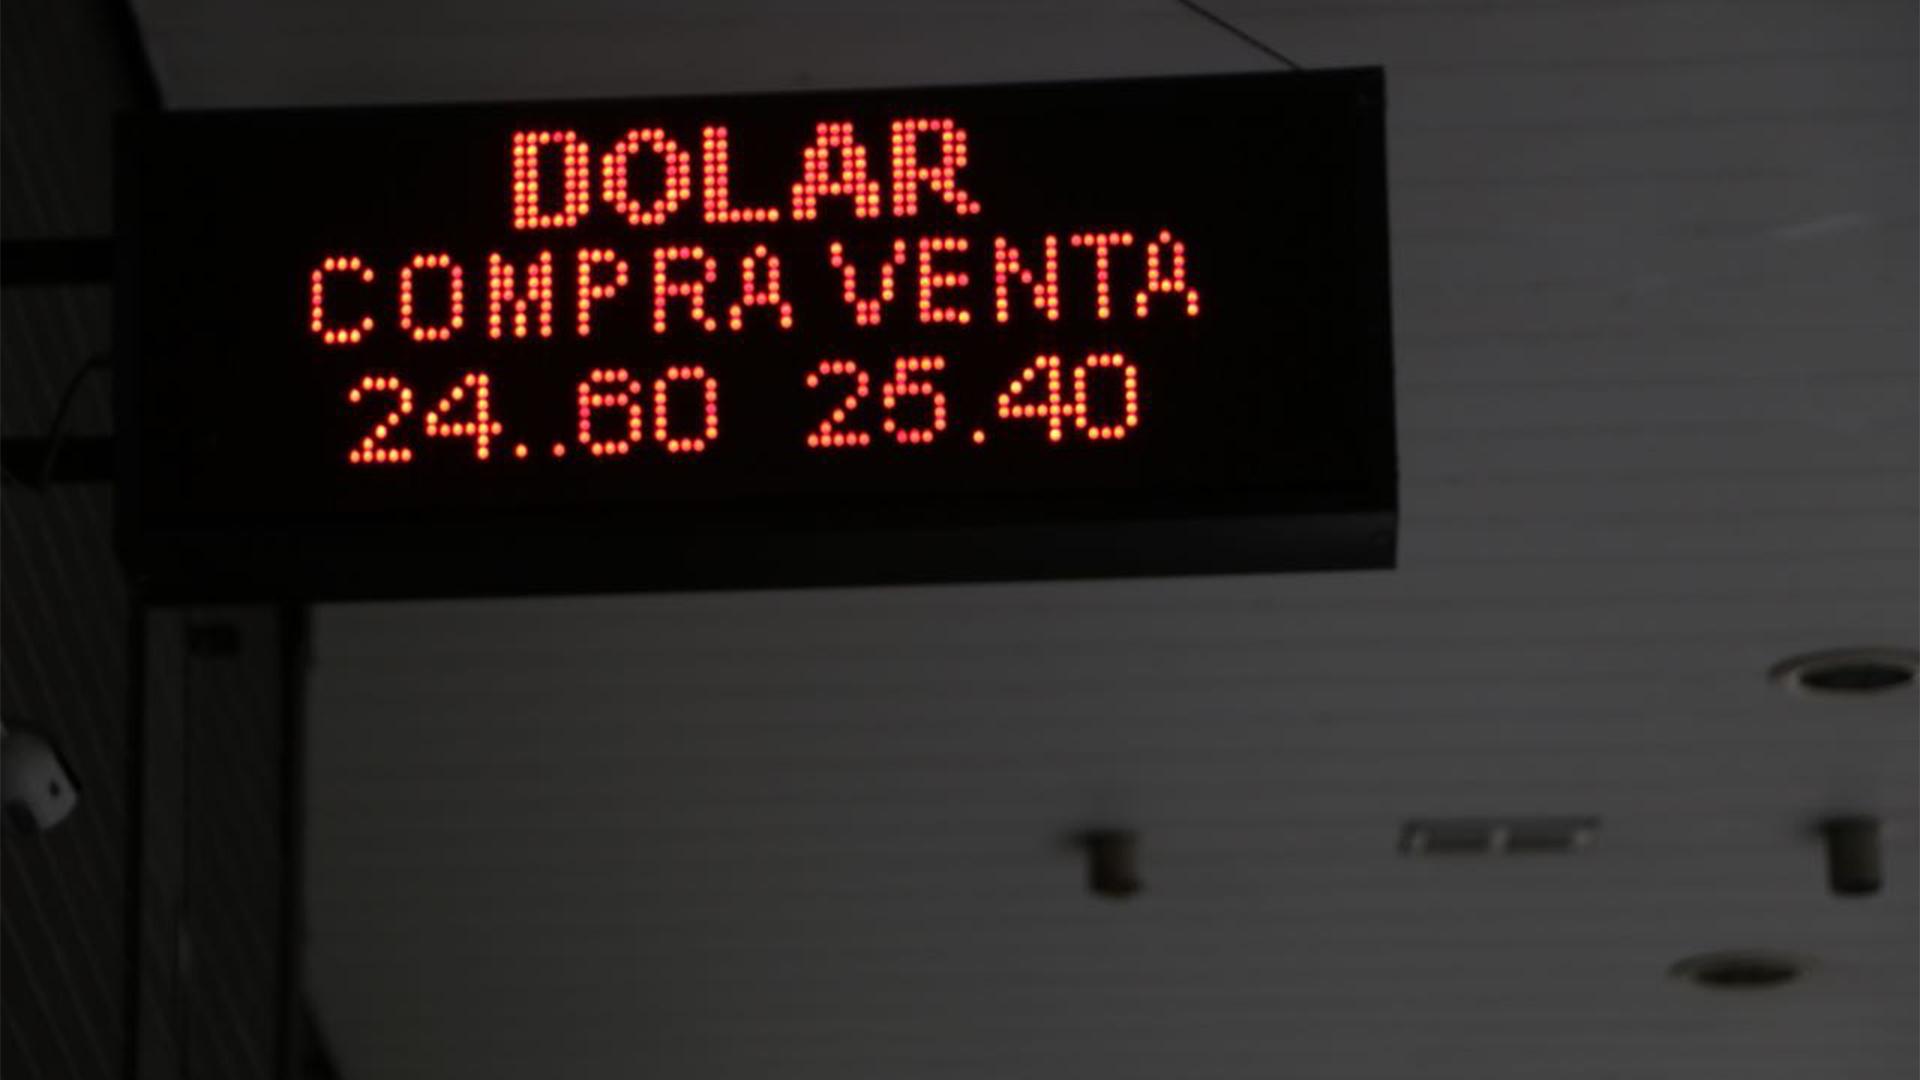 Ayer, el dólar rompió el techo de los $25 (Lihuue Althabe)